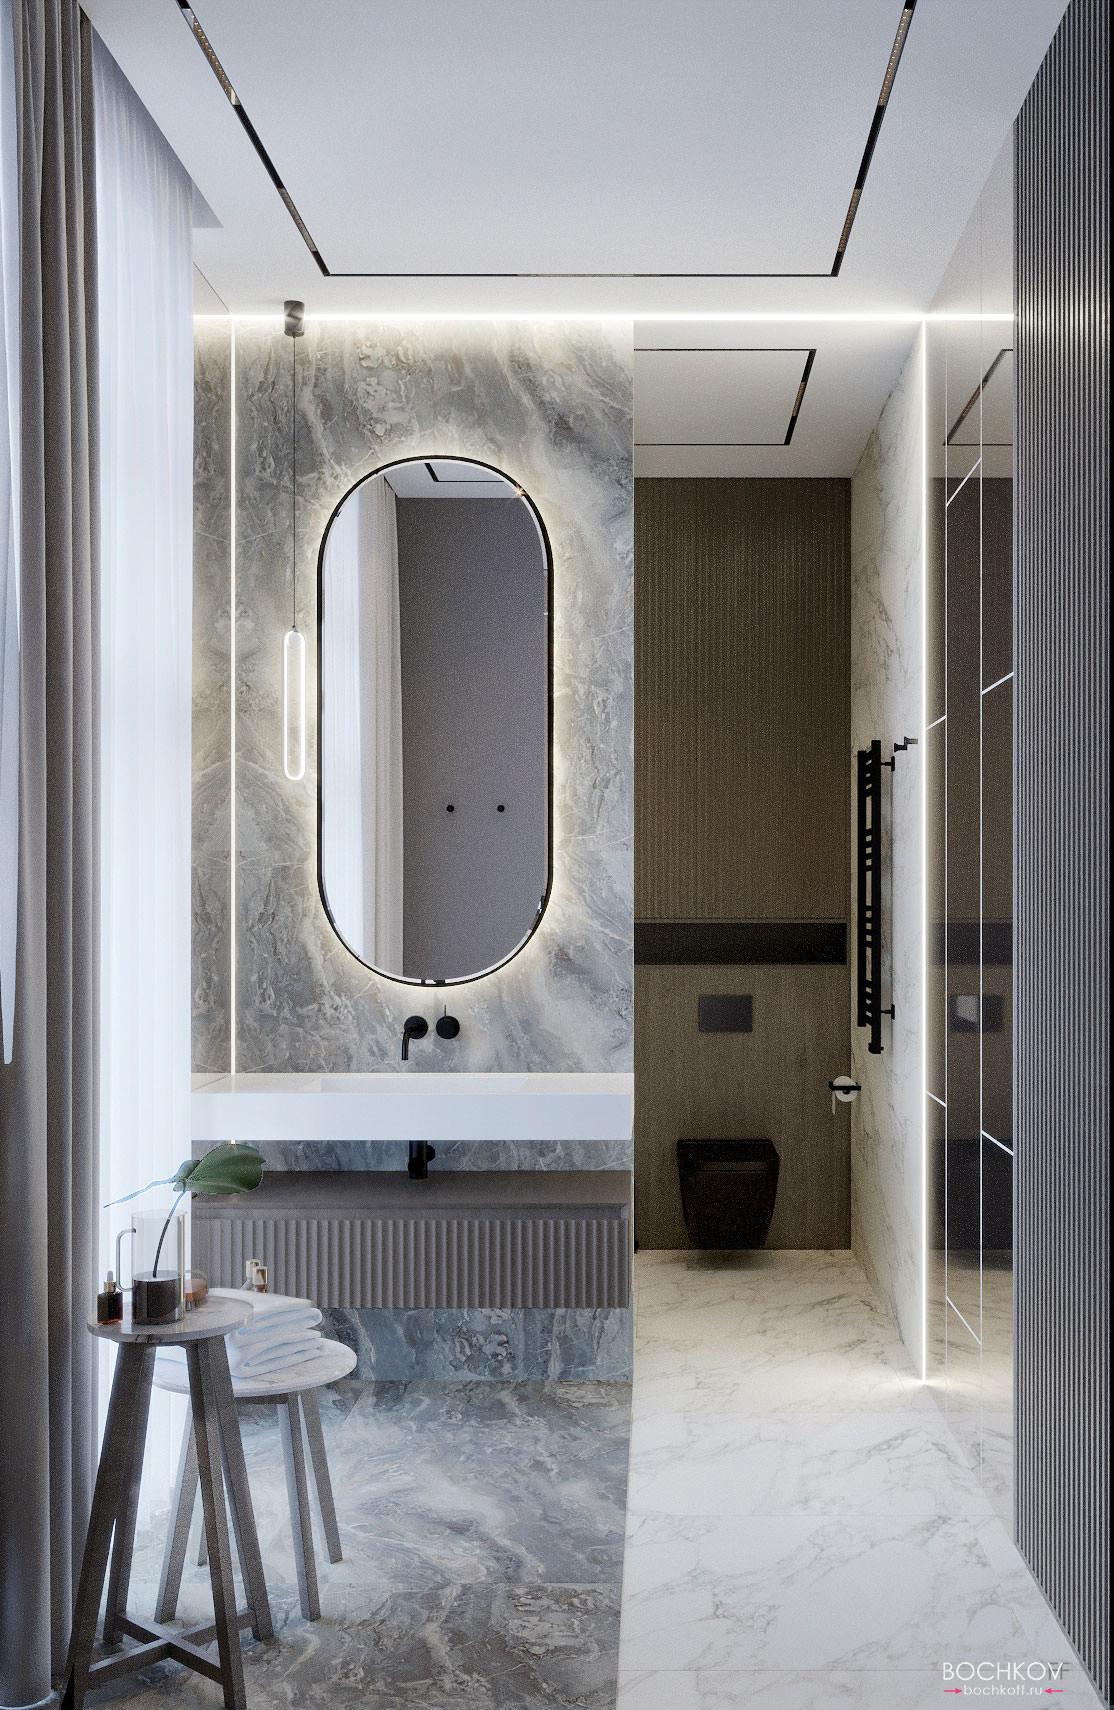 Ванная комната родителей, вид 2, КД Ривьера